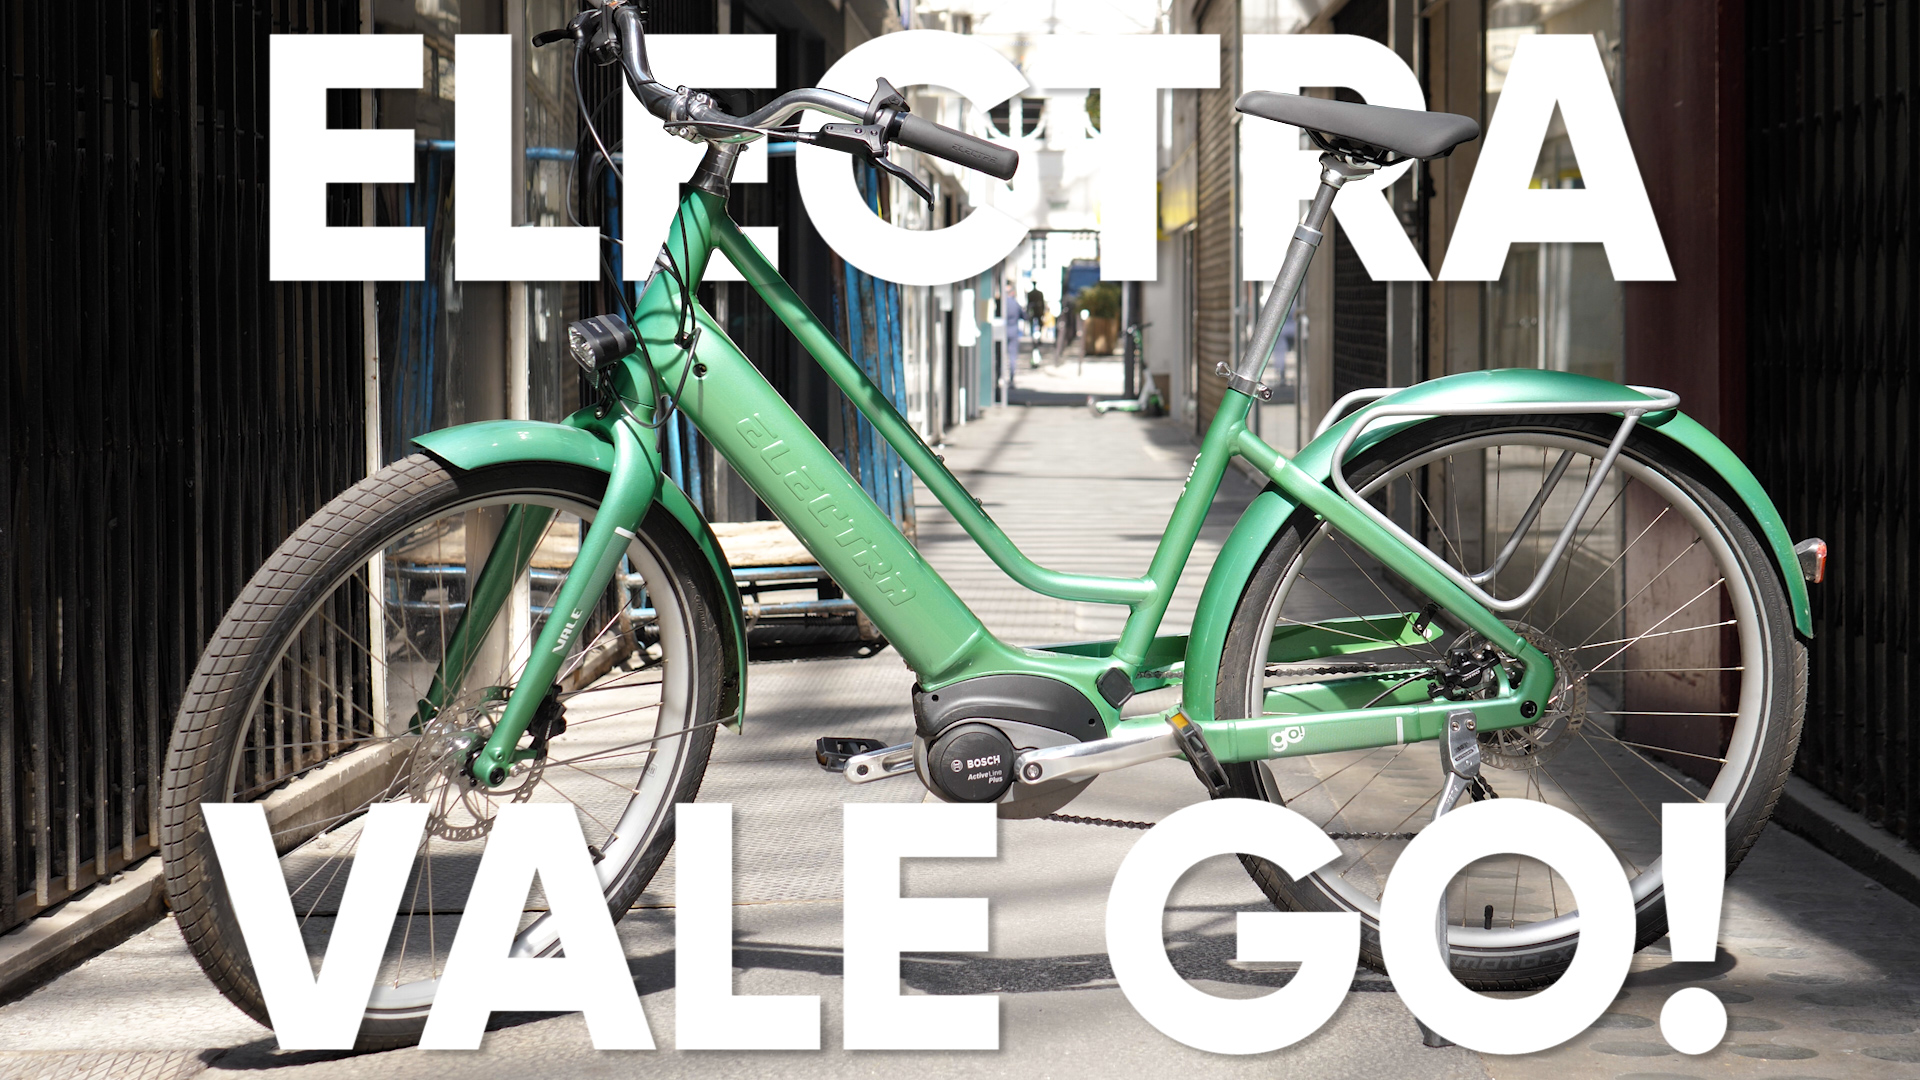 On a testé l'Electra Vale Go : le vélo confort par excellence ?